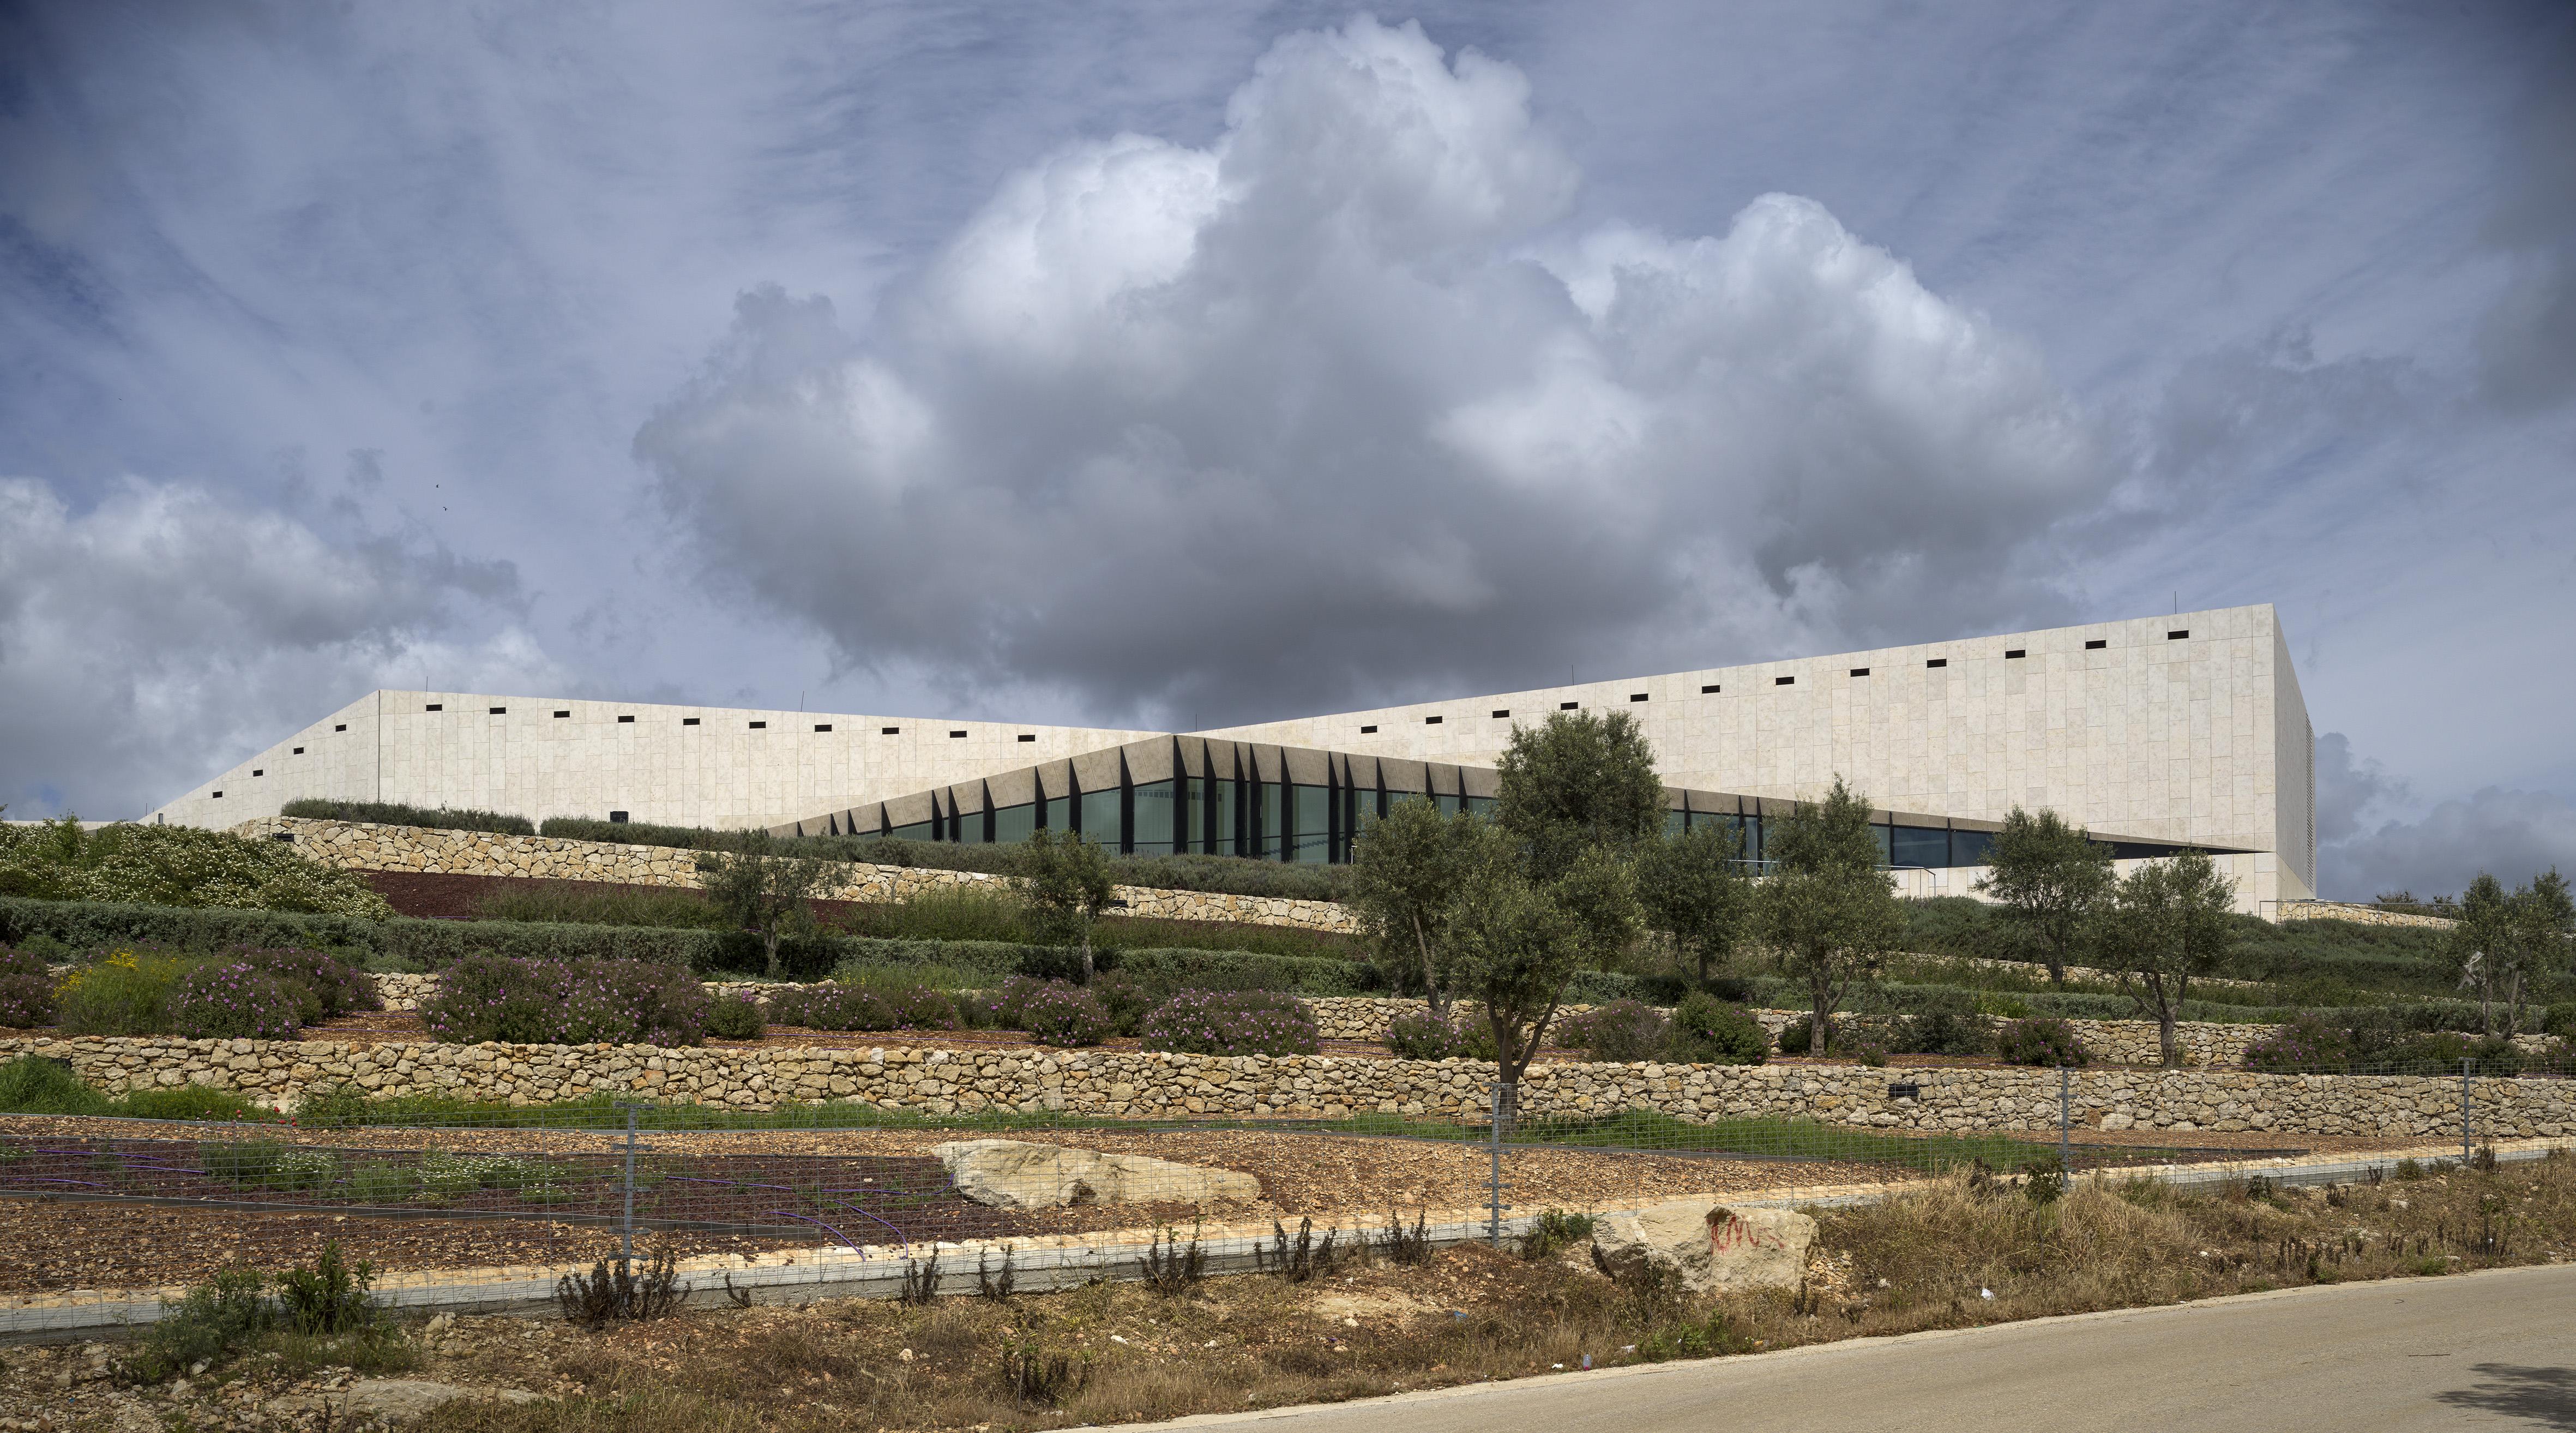 المتحف الفلسطيني يفوز بجائزة الآغا خان العالمية للعمارة